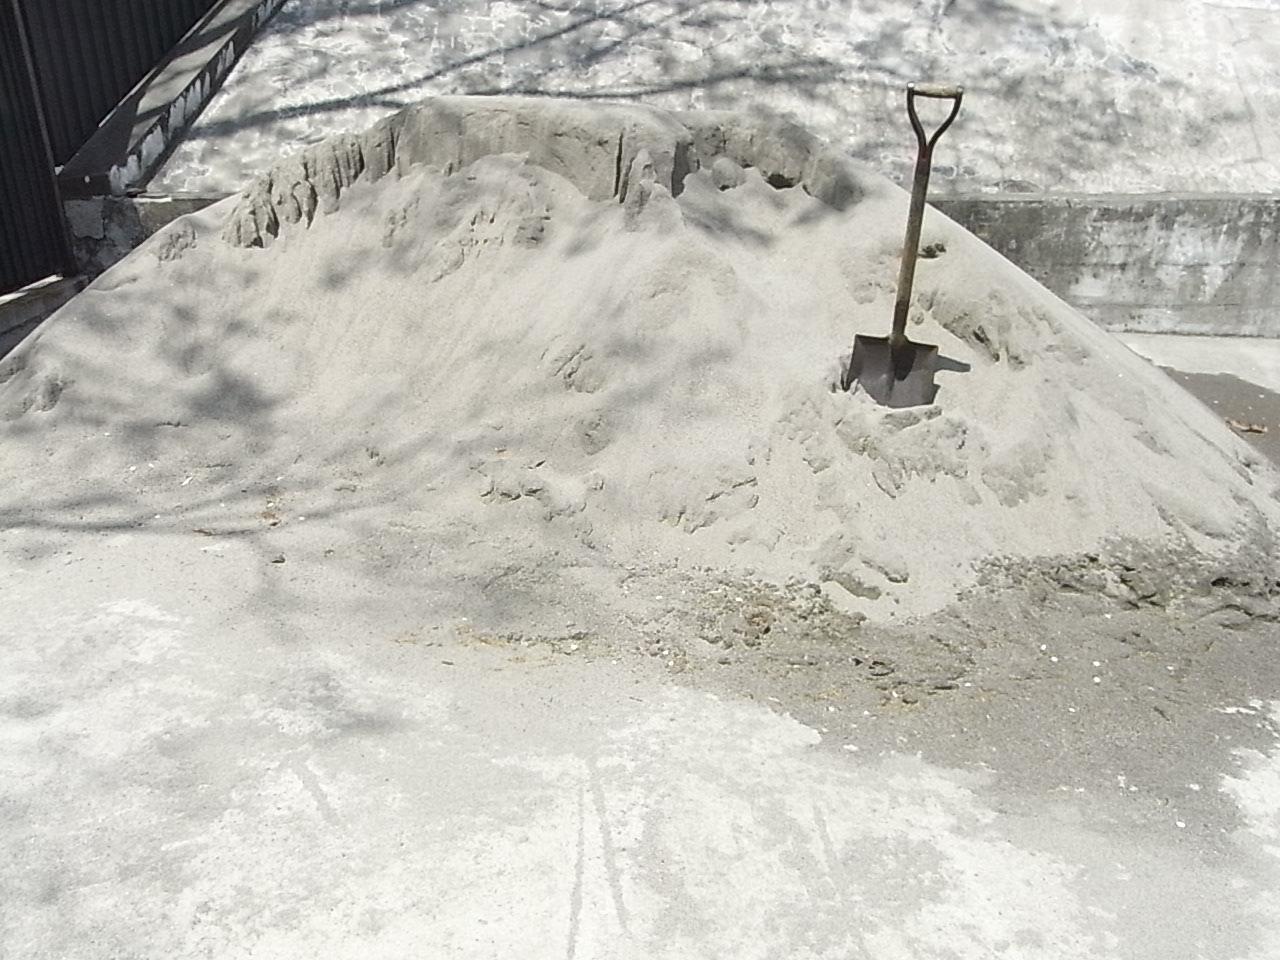 陸上競技場の脇。整備用の砂?